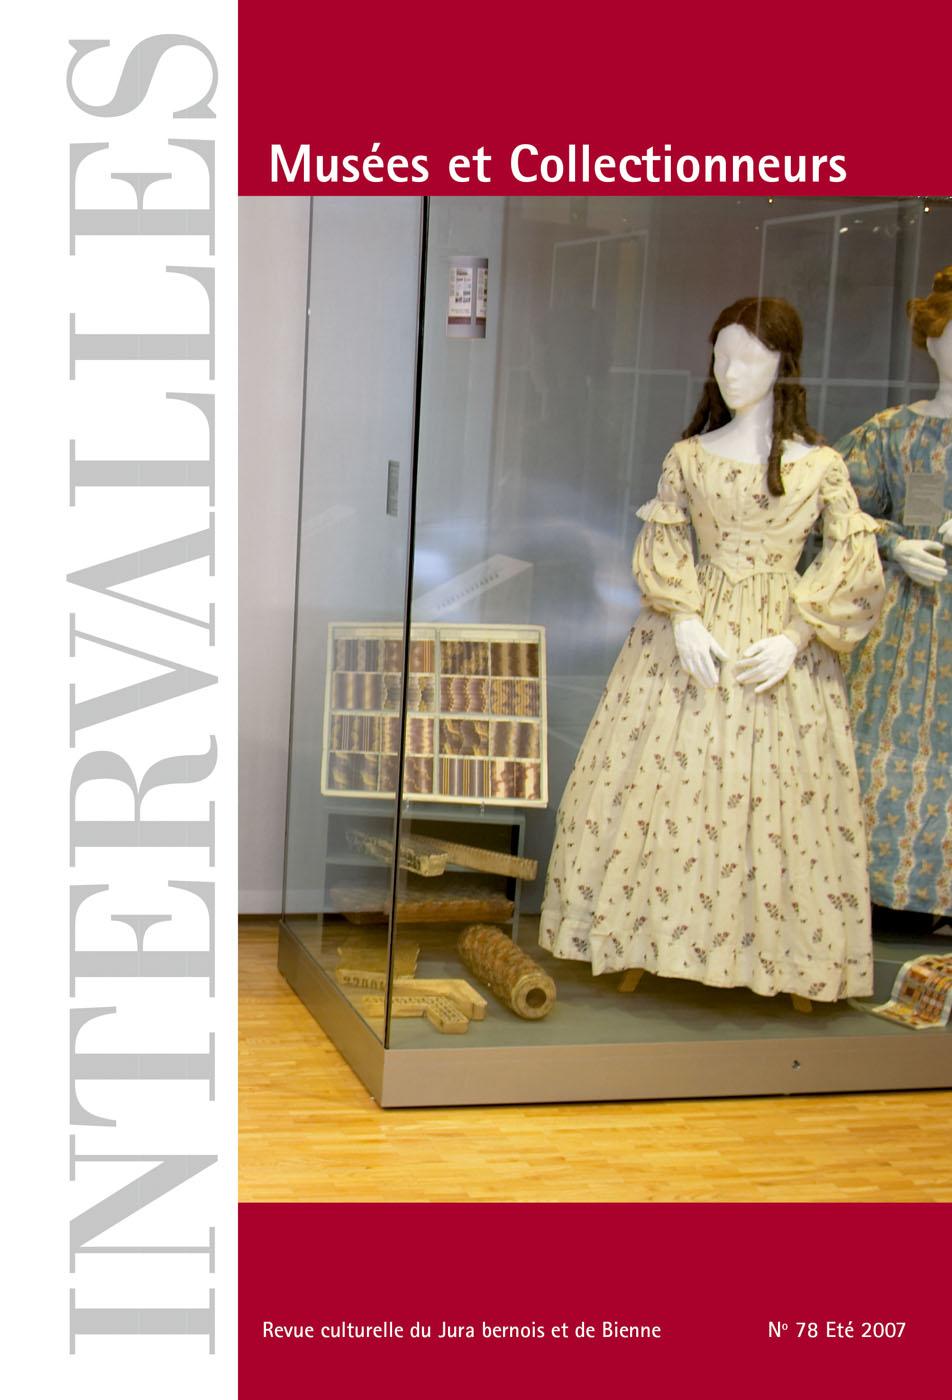 No 78 – Musées et Collectionneurs